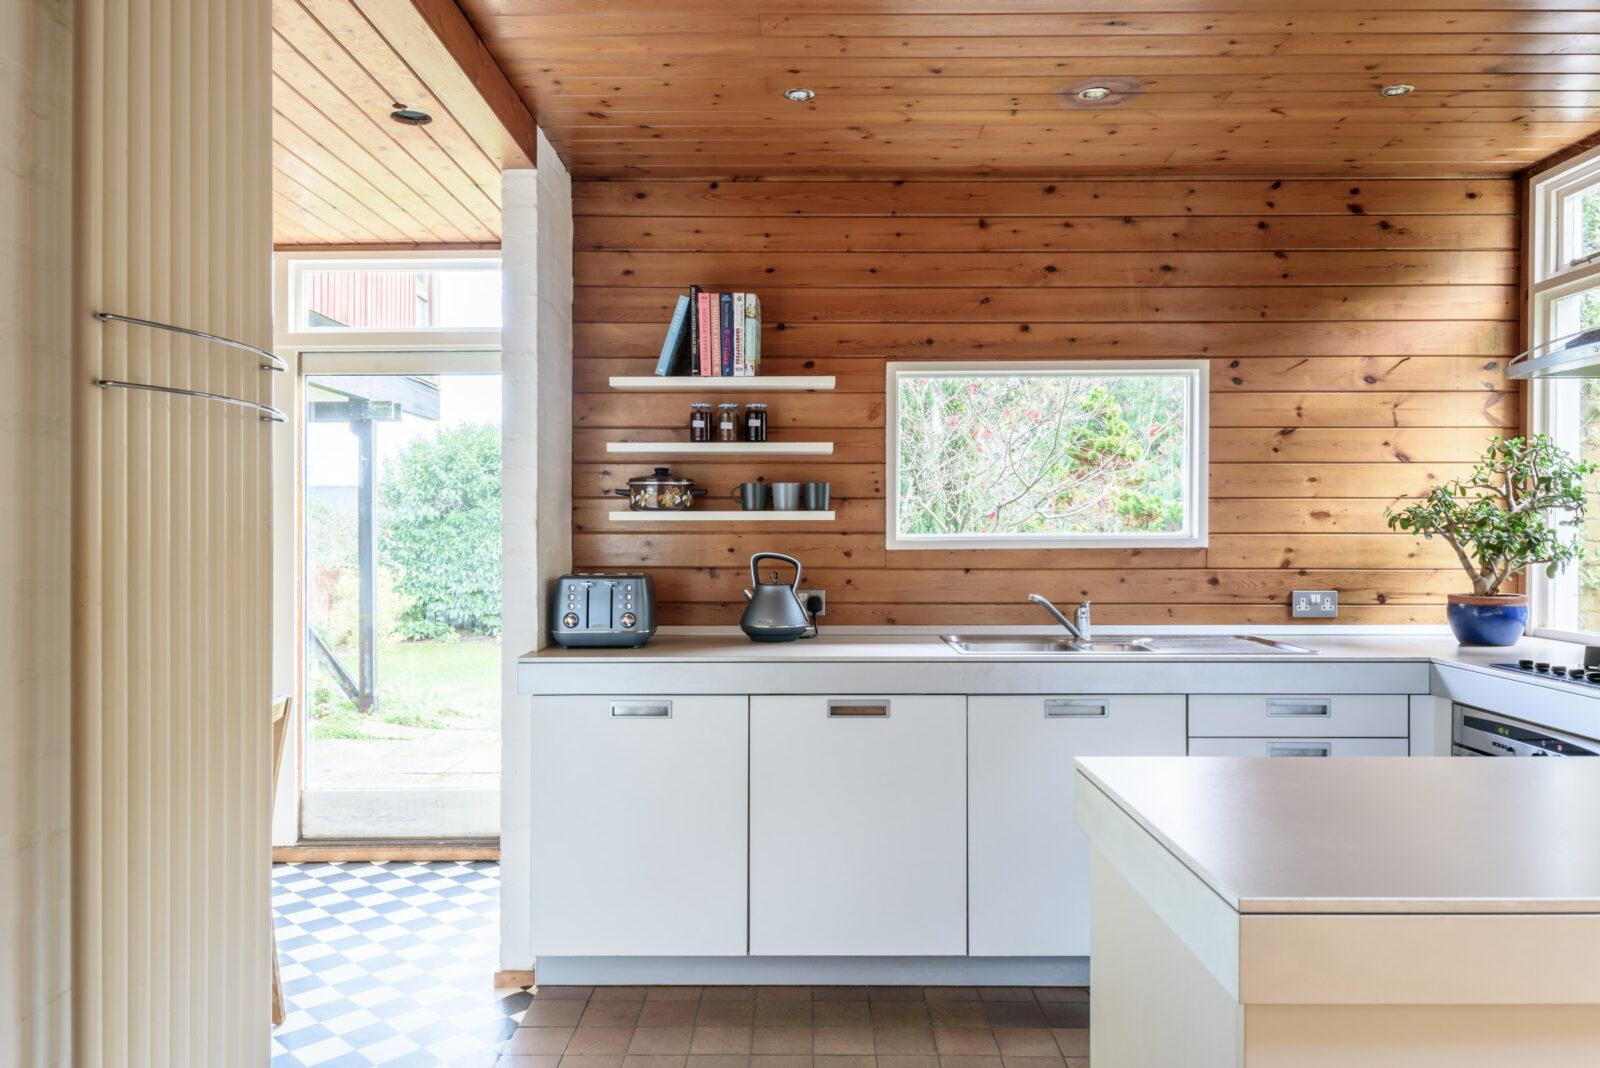 Combina el blanco y la madera